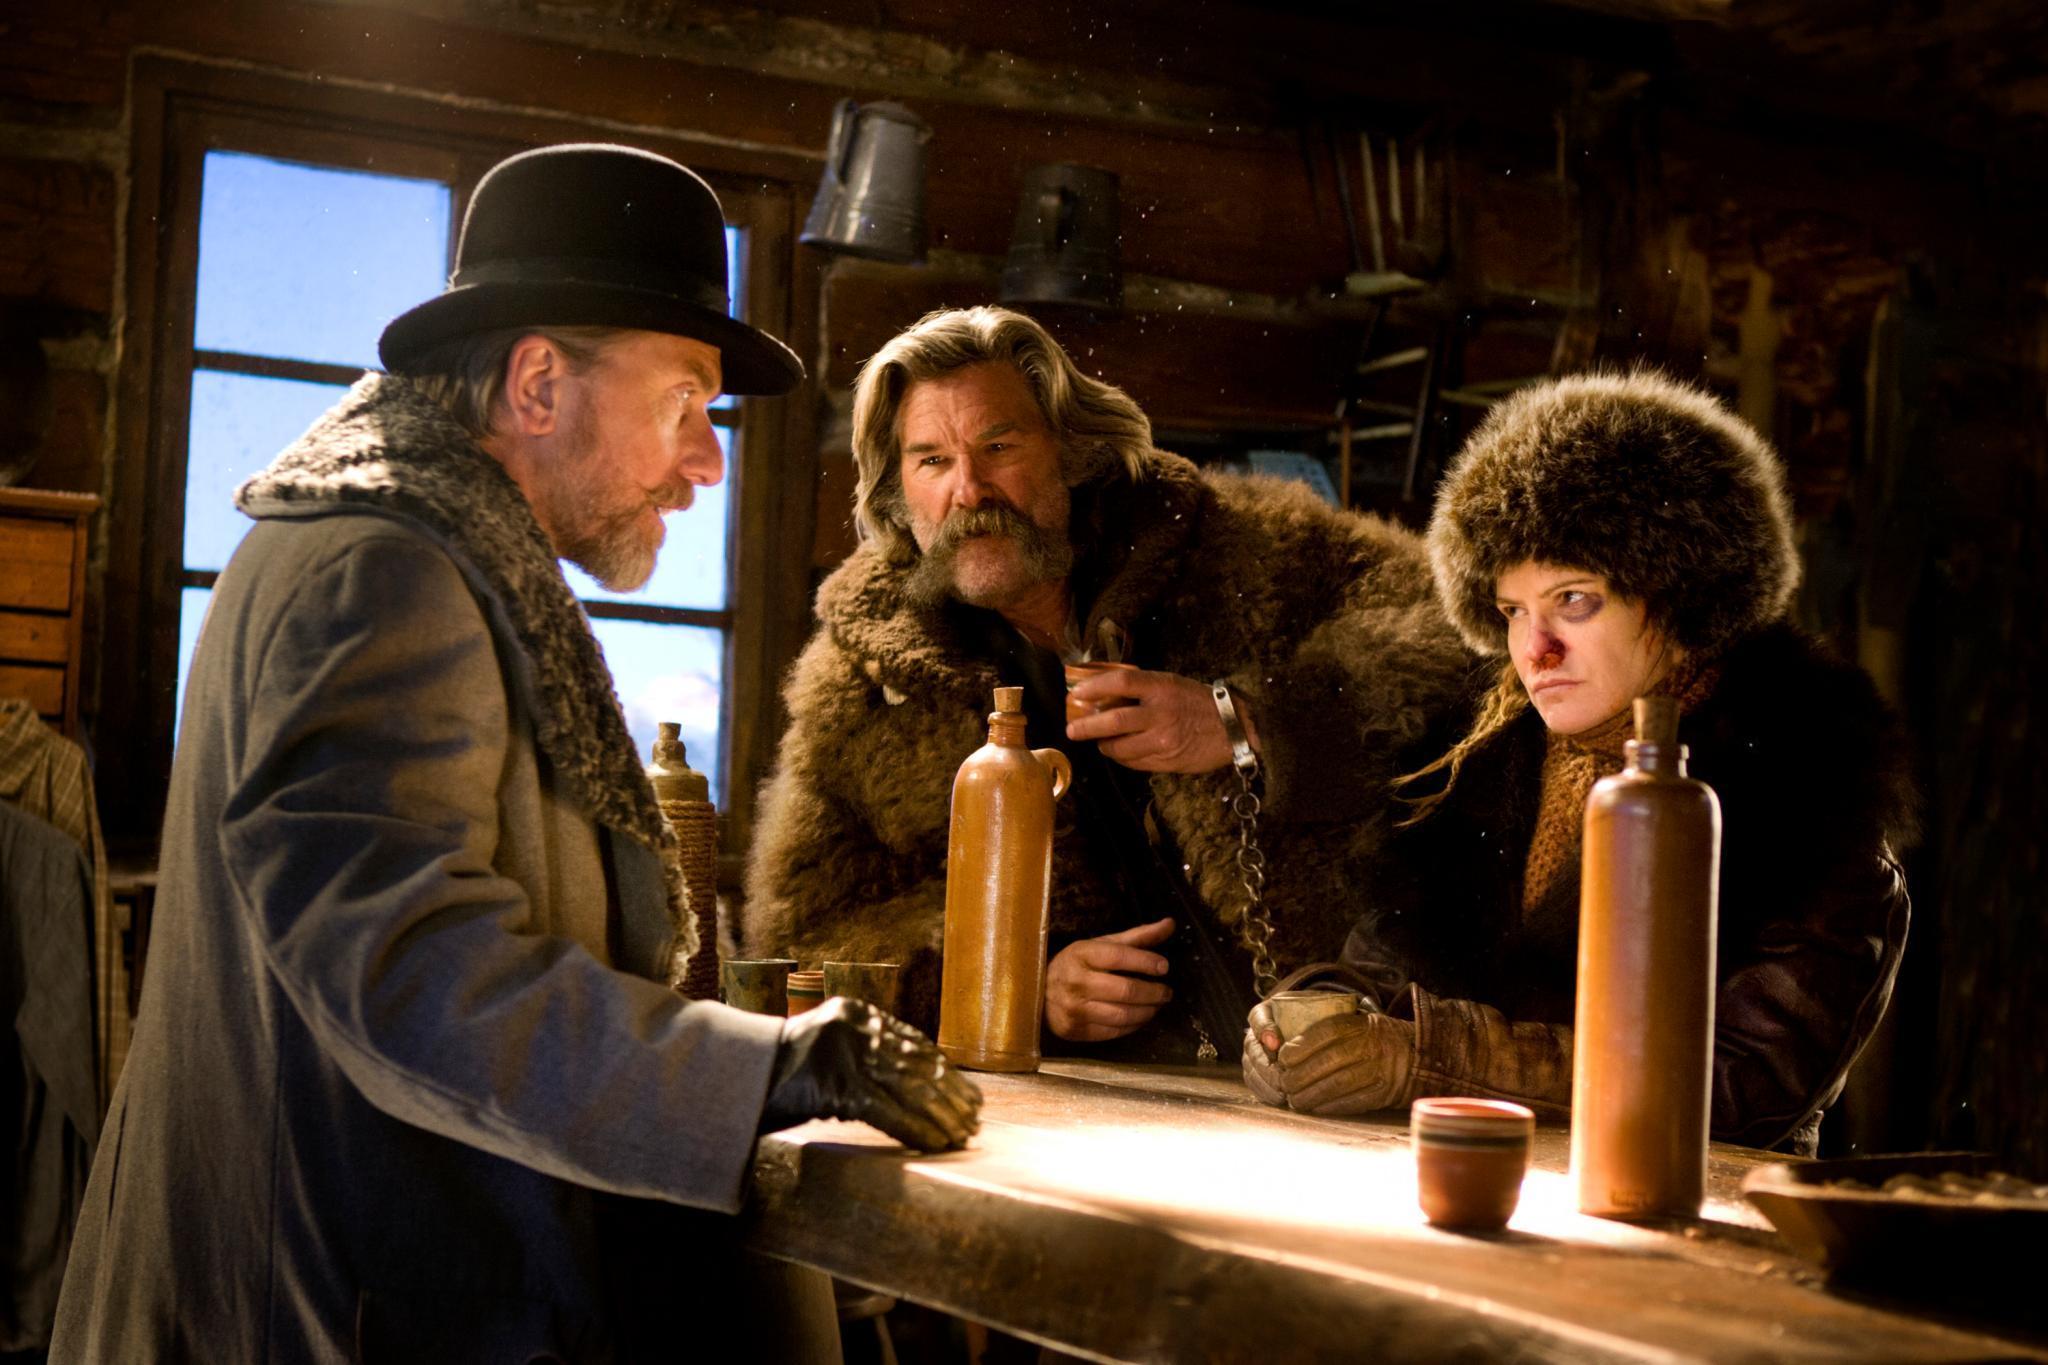 """Ab dem 28. Januar im Kino: """"The Hateful 8"""", Tarantinos aktueller und achter Film. Kurz nach dem amerikanischen Bürgerkrieg suchen acht brutale Männer und die Gefangene Daisy auf einer Hütte Schutz vor einem Schneesturm. Das Treffen endet in einem heftigen Showdown."""